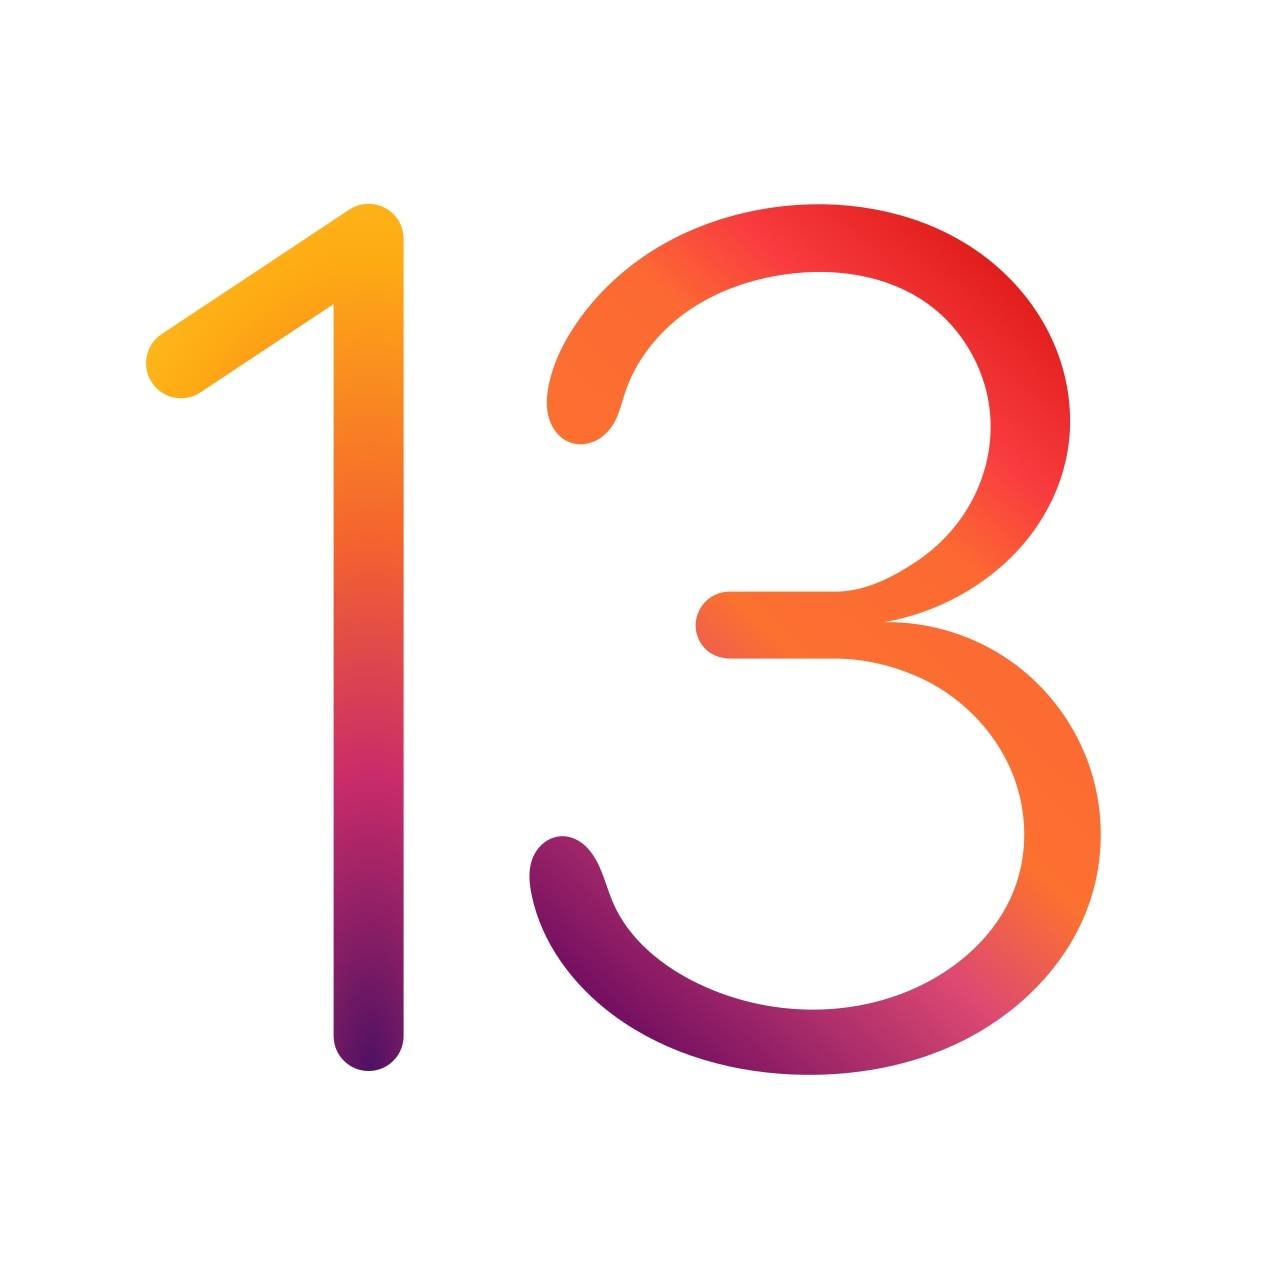 Apple  deja de firmar iOS 13.3 como un nuevo jailbreak actualizado se acerca al lanzamiento público 2